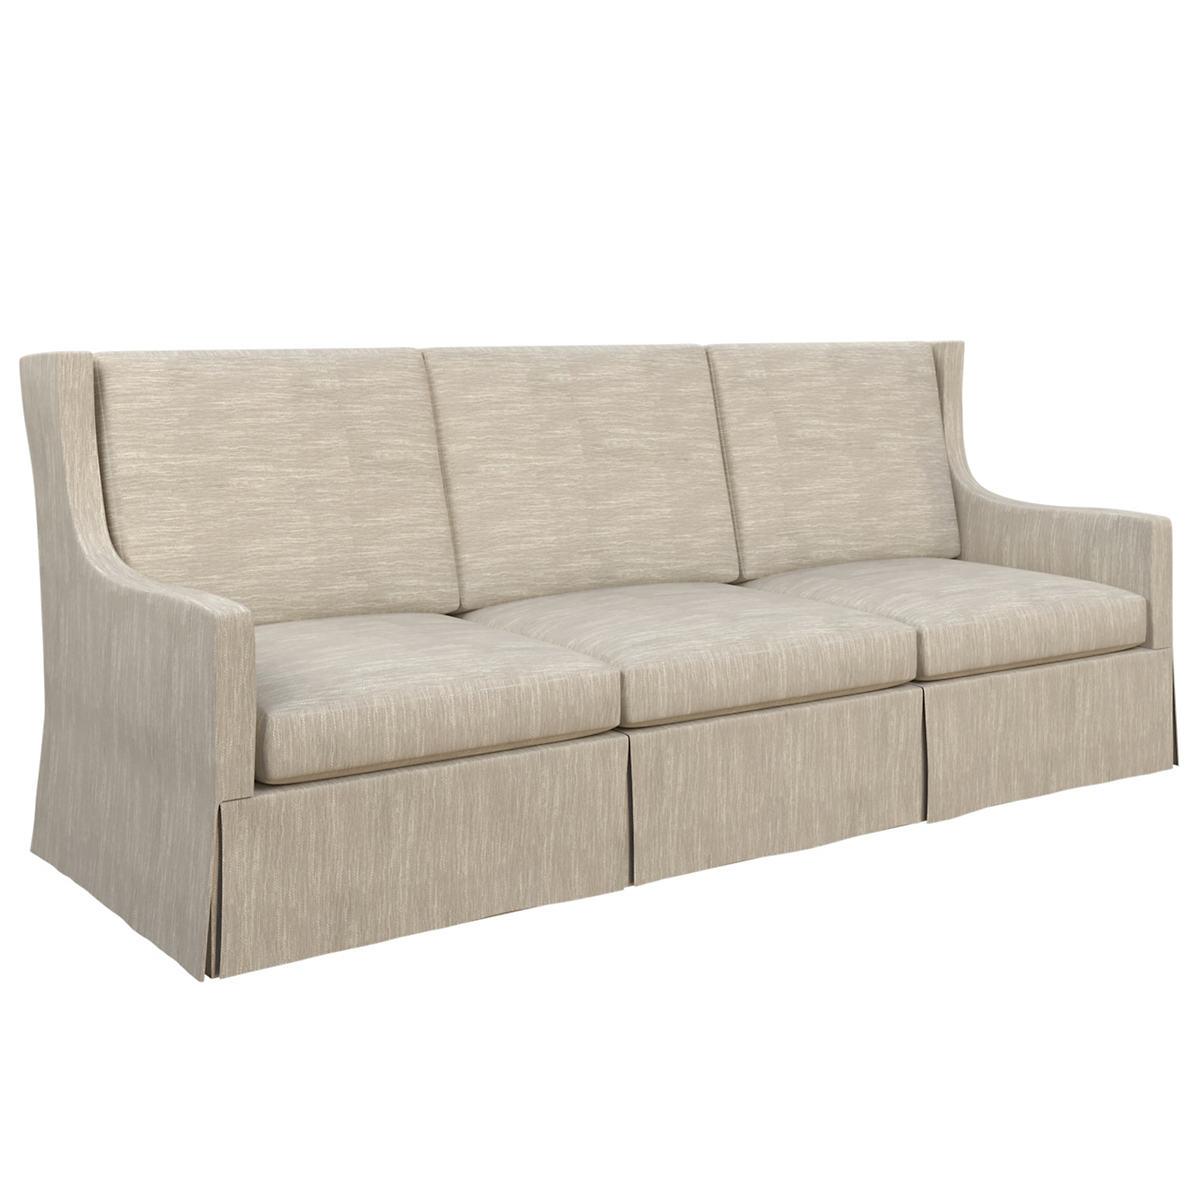 Graduate Linen Toulouse Sofa